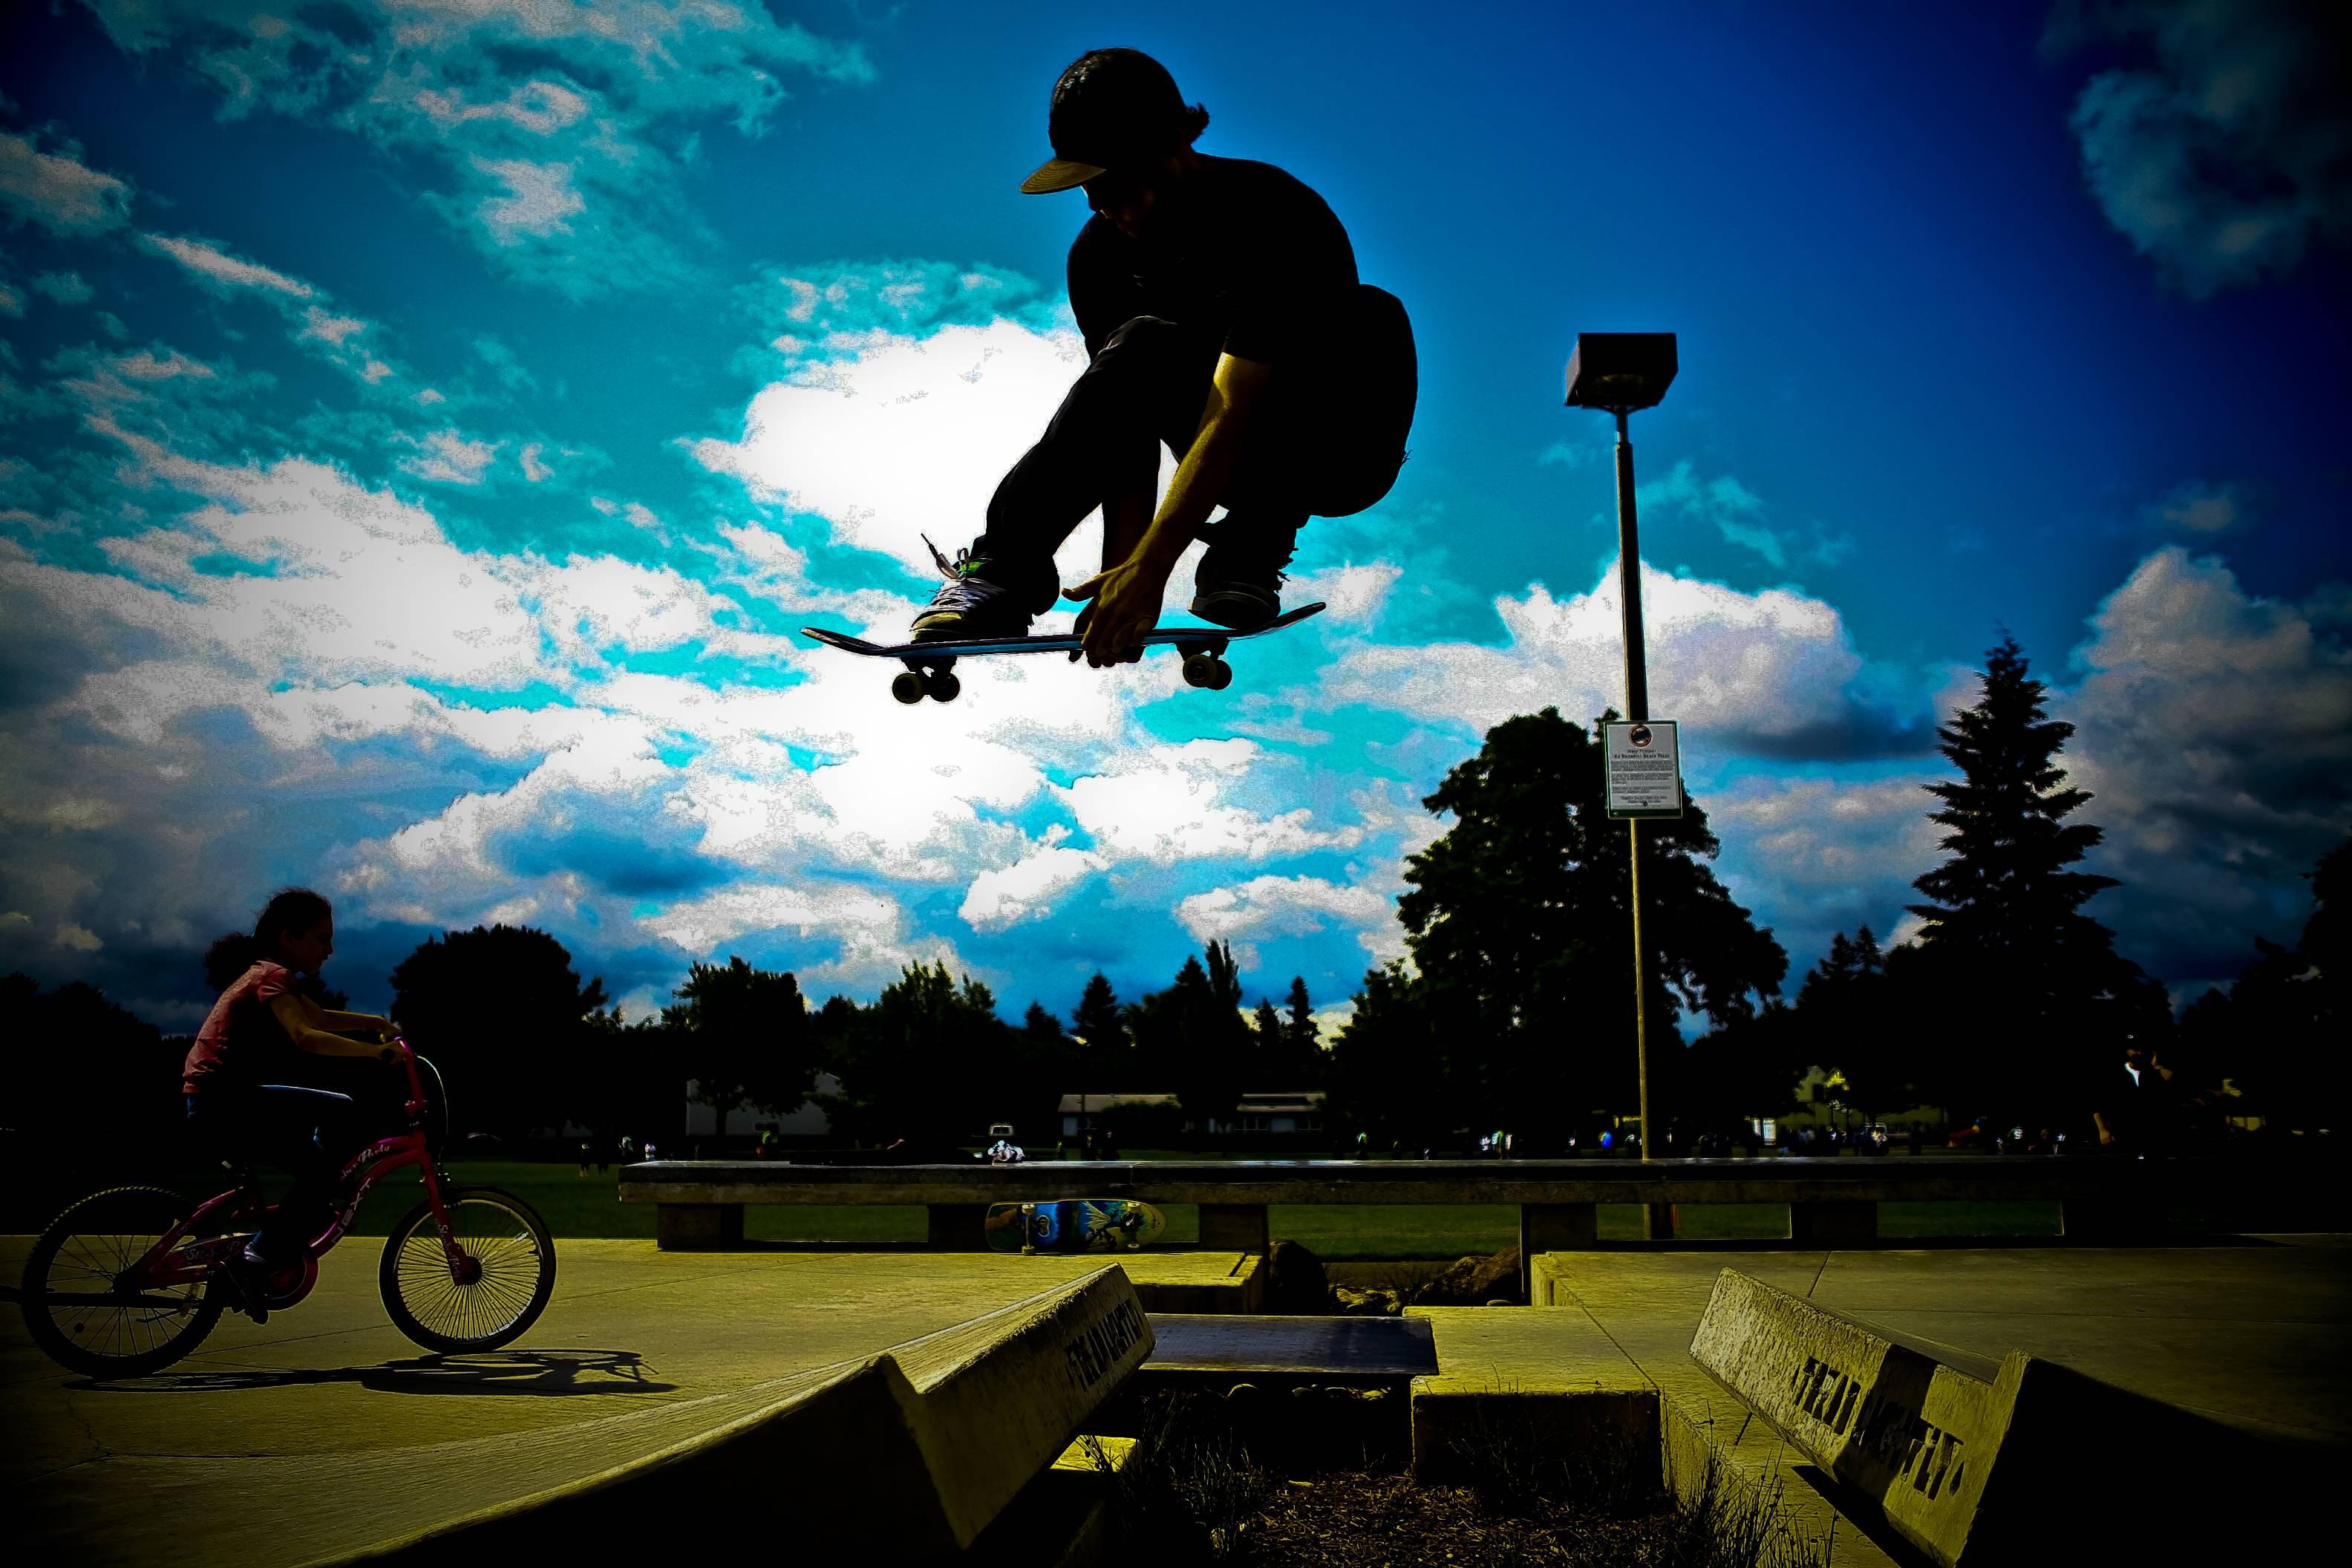 Skateboard Wallpaper HD 8789630